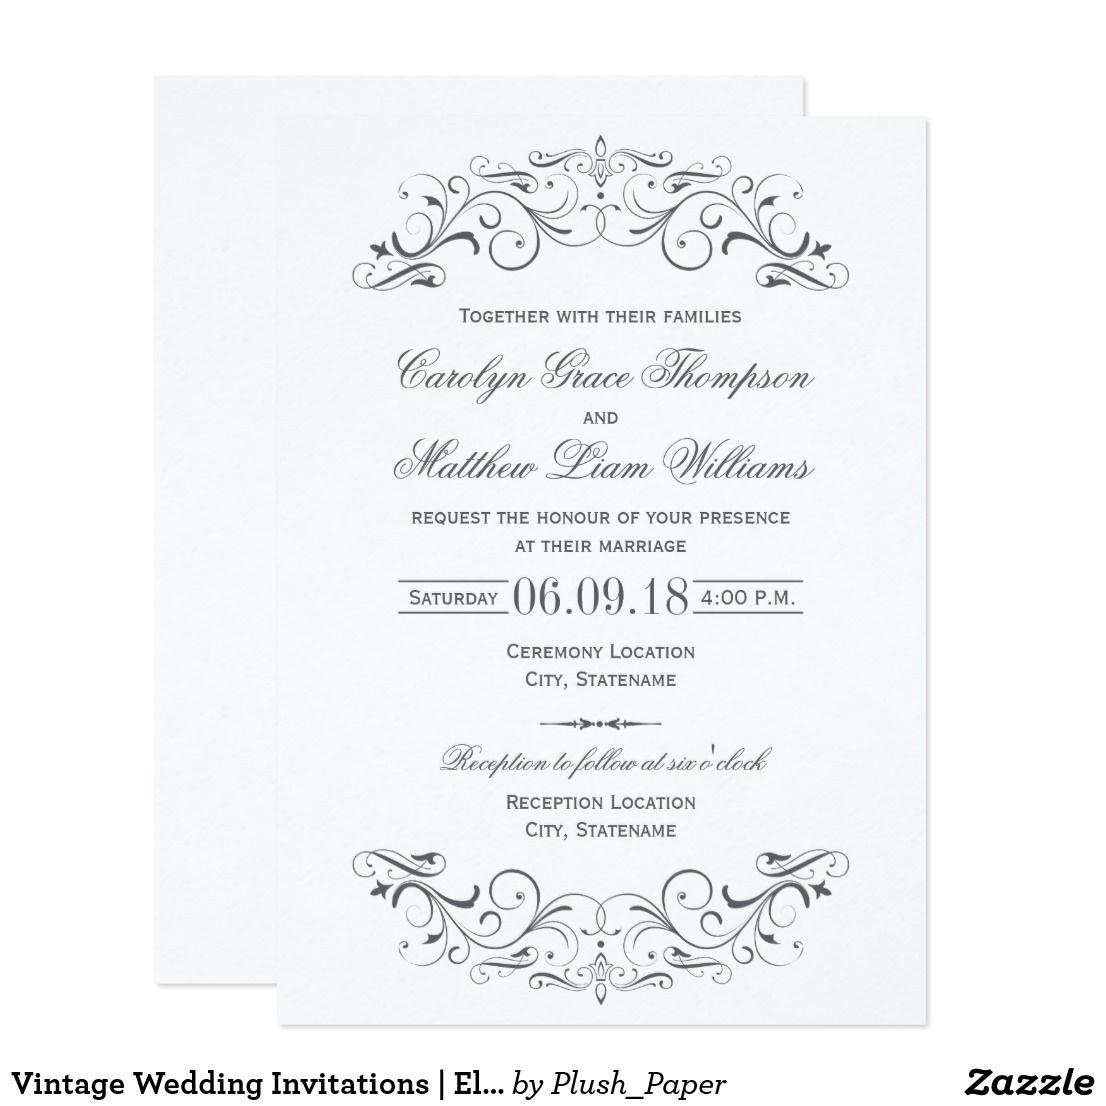 Vintage Wedding Invitations Elegant Flourish Zazzle Com Vintage Wedding Invitations Elegant Wedding Invitations Wedding Invitations